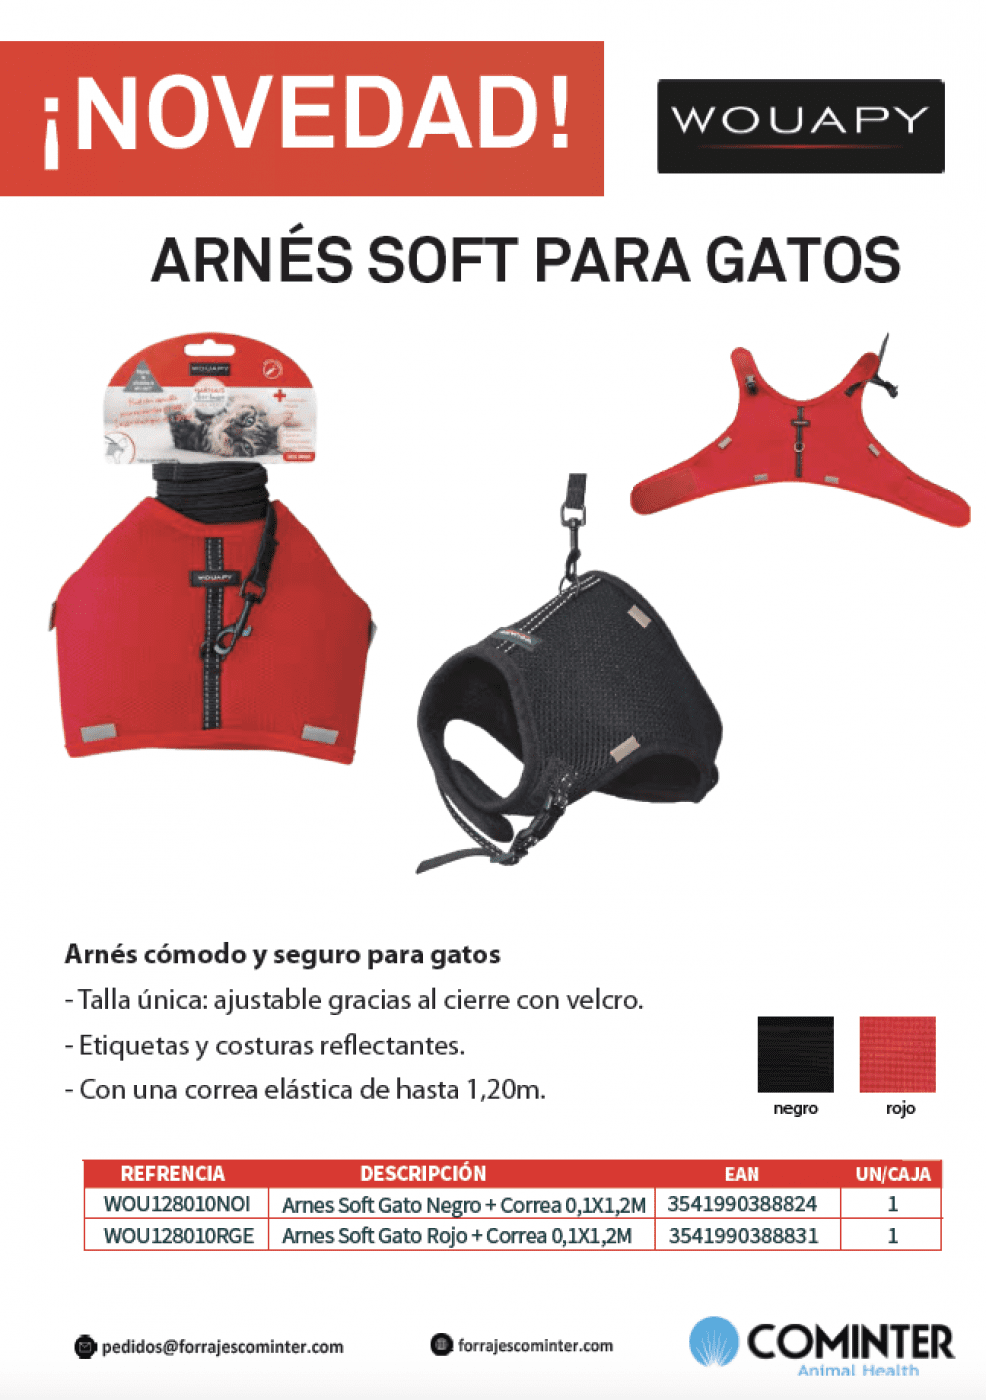 Novedad Arnes Soft Gato